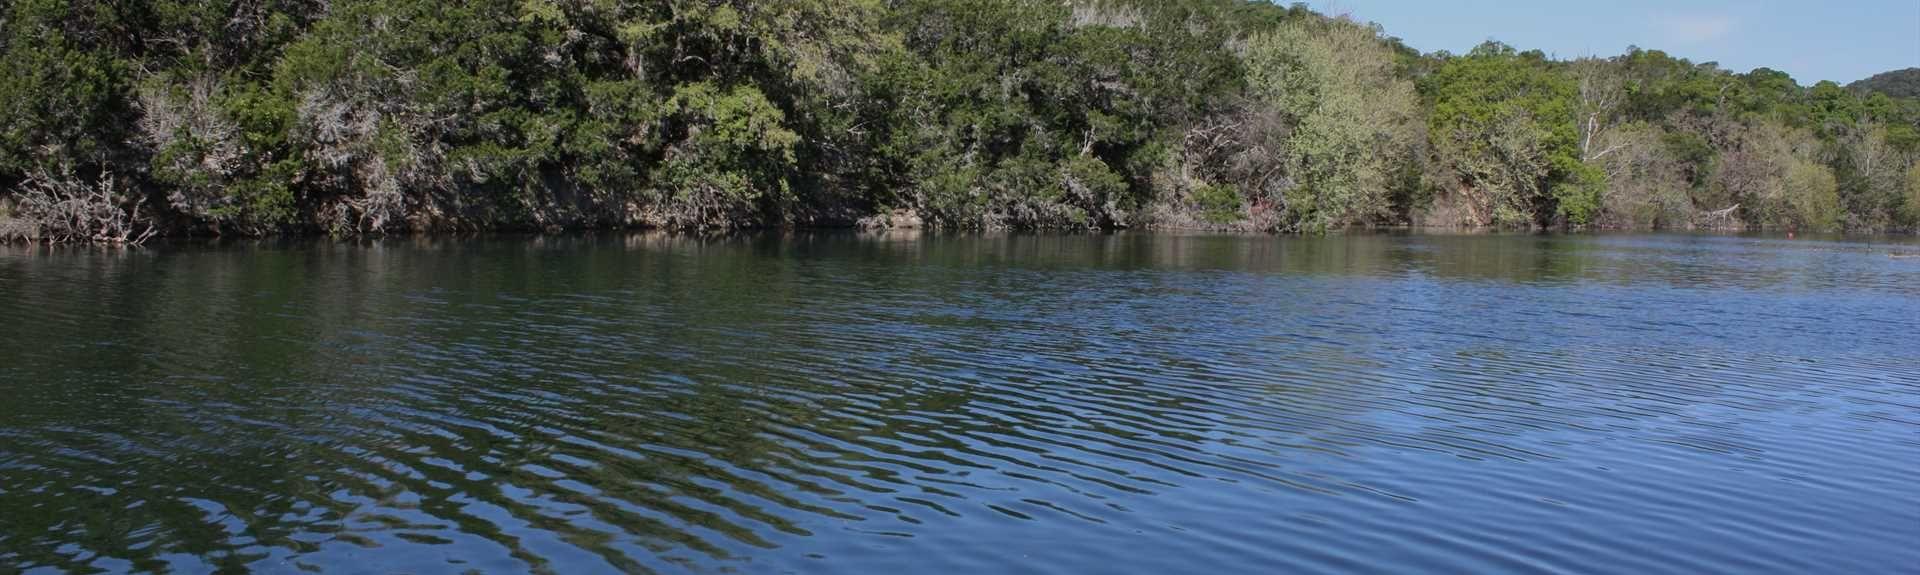 Área natural estatal Hill Country, Bandera, Texas, Estados Unidos